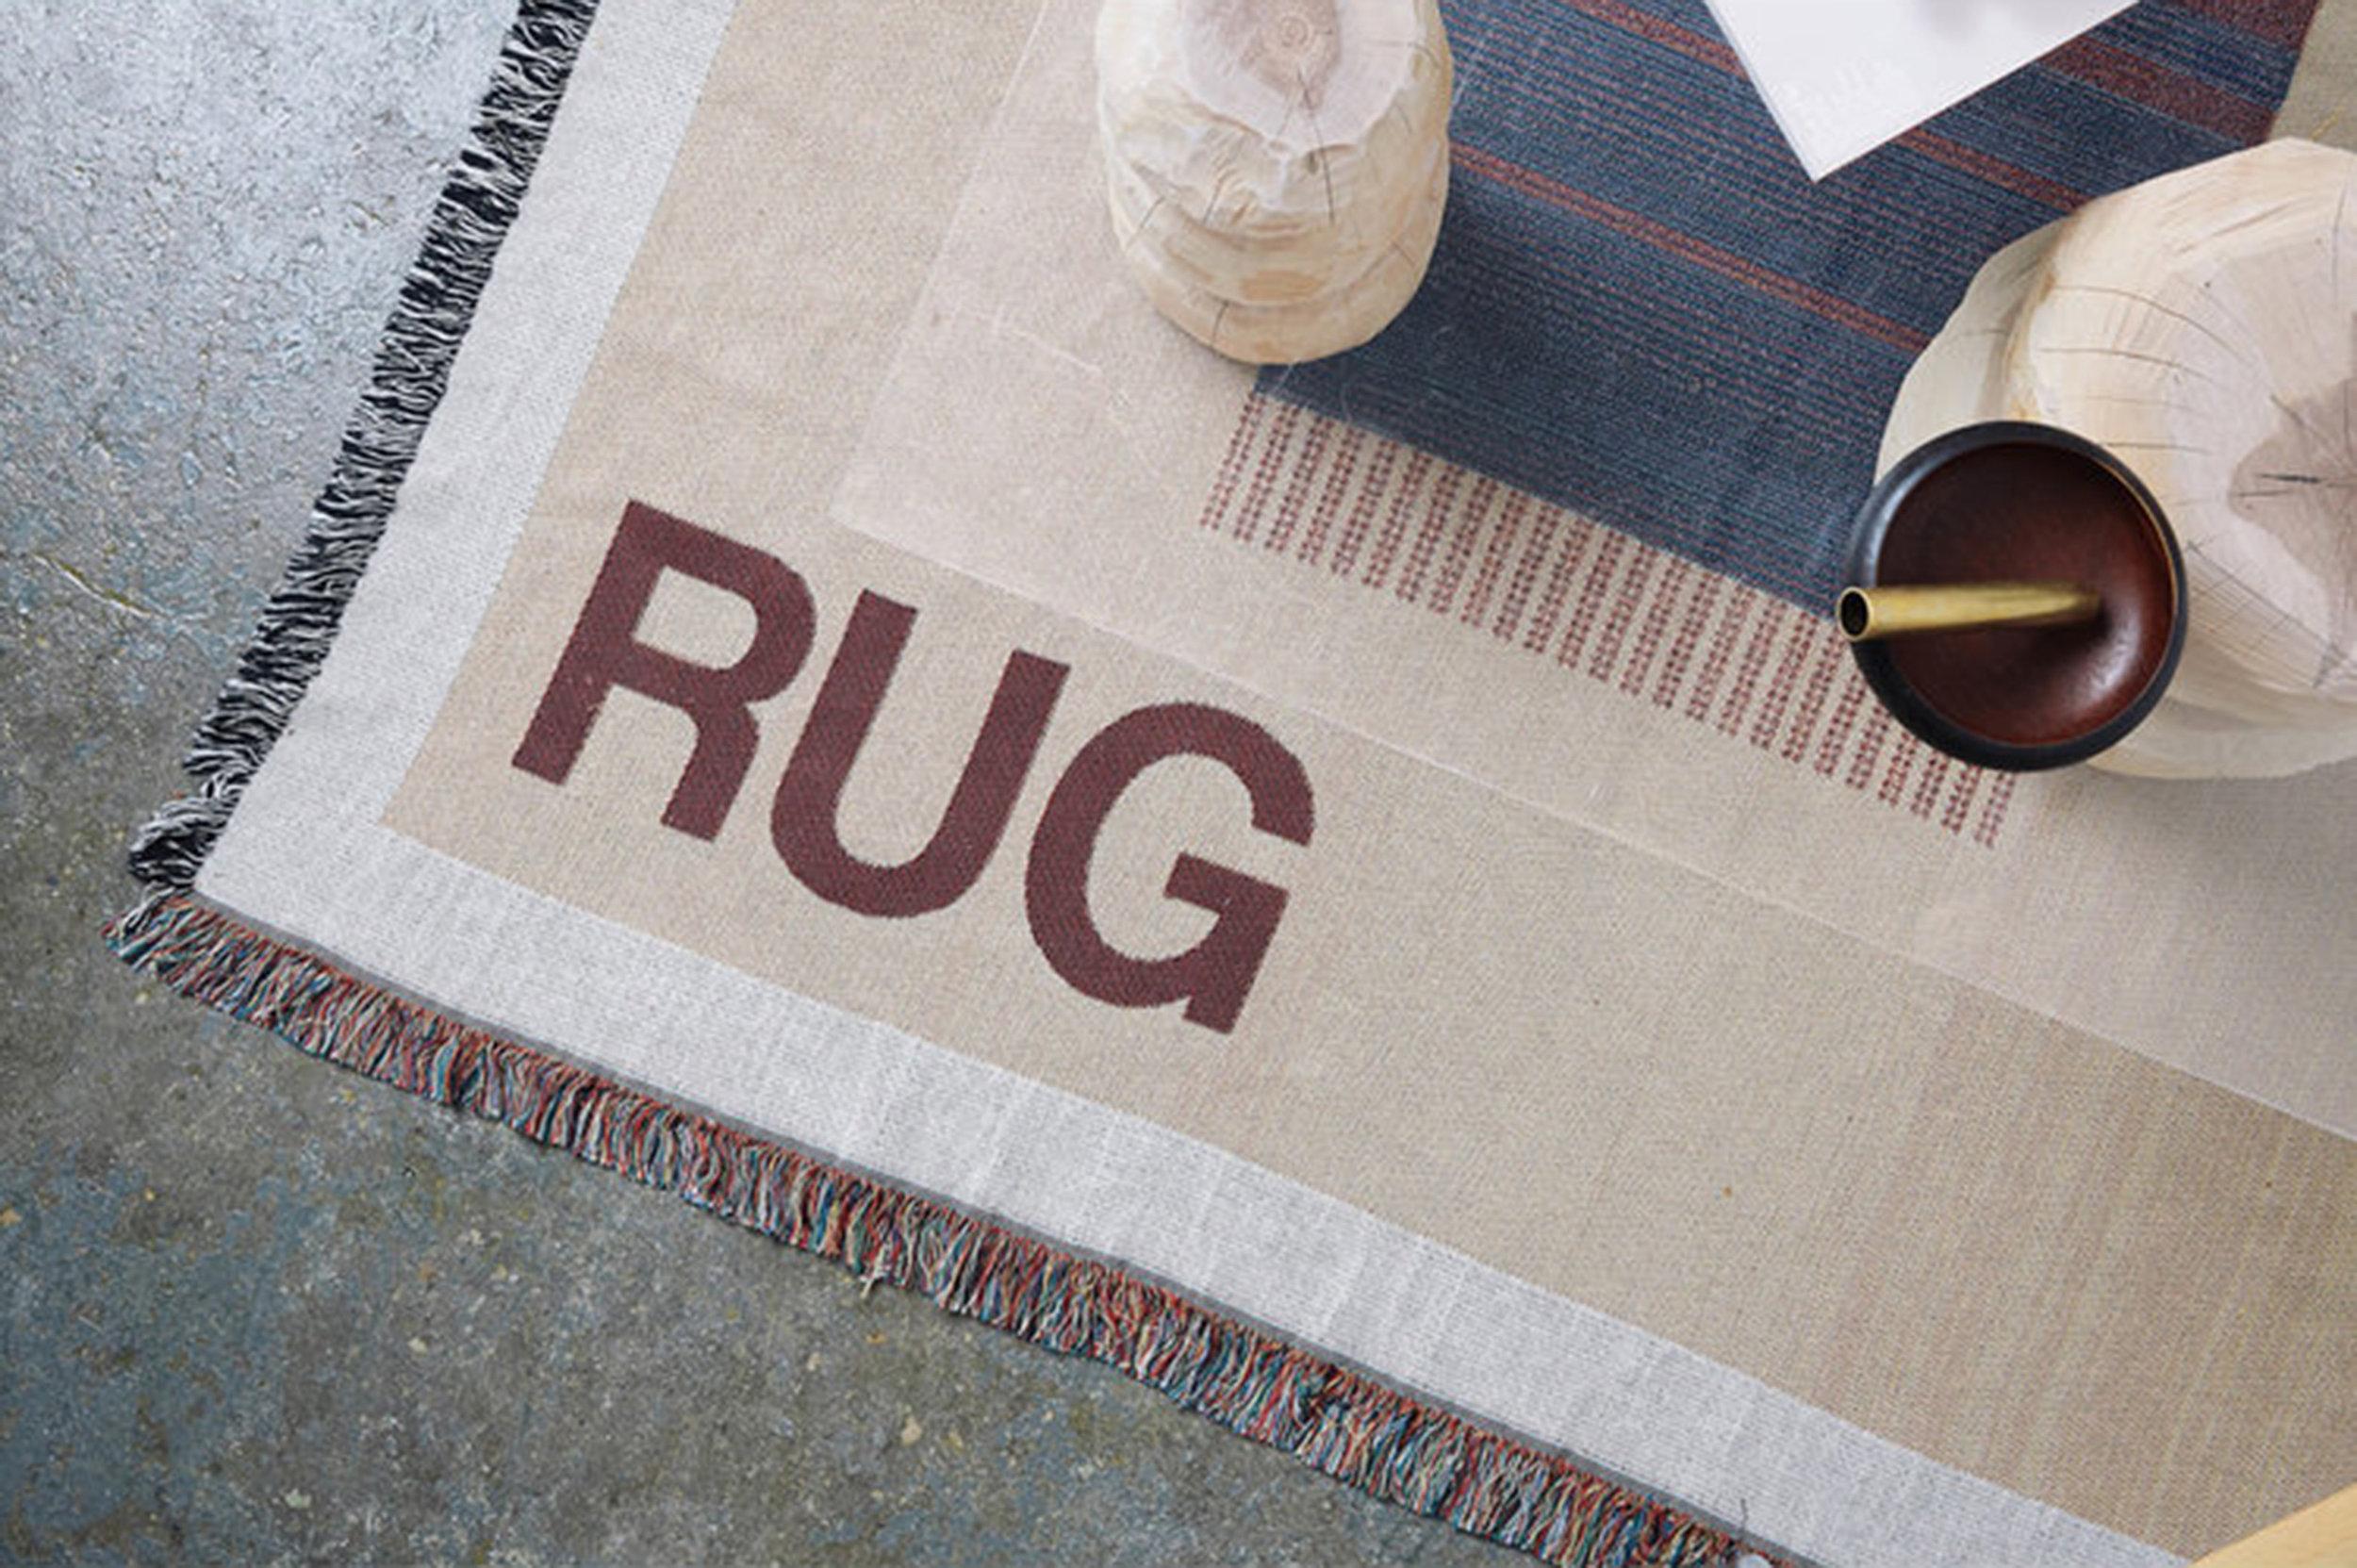 Indo-Made-Rug-Rug_HIGHRES.jpg